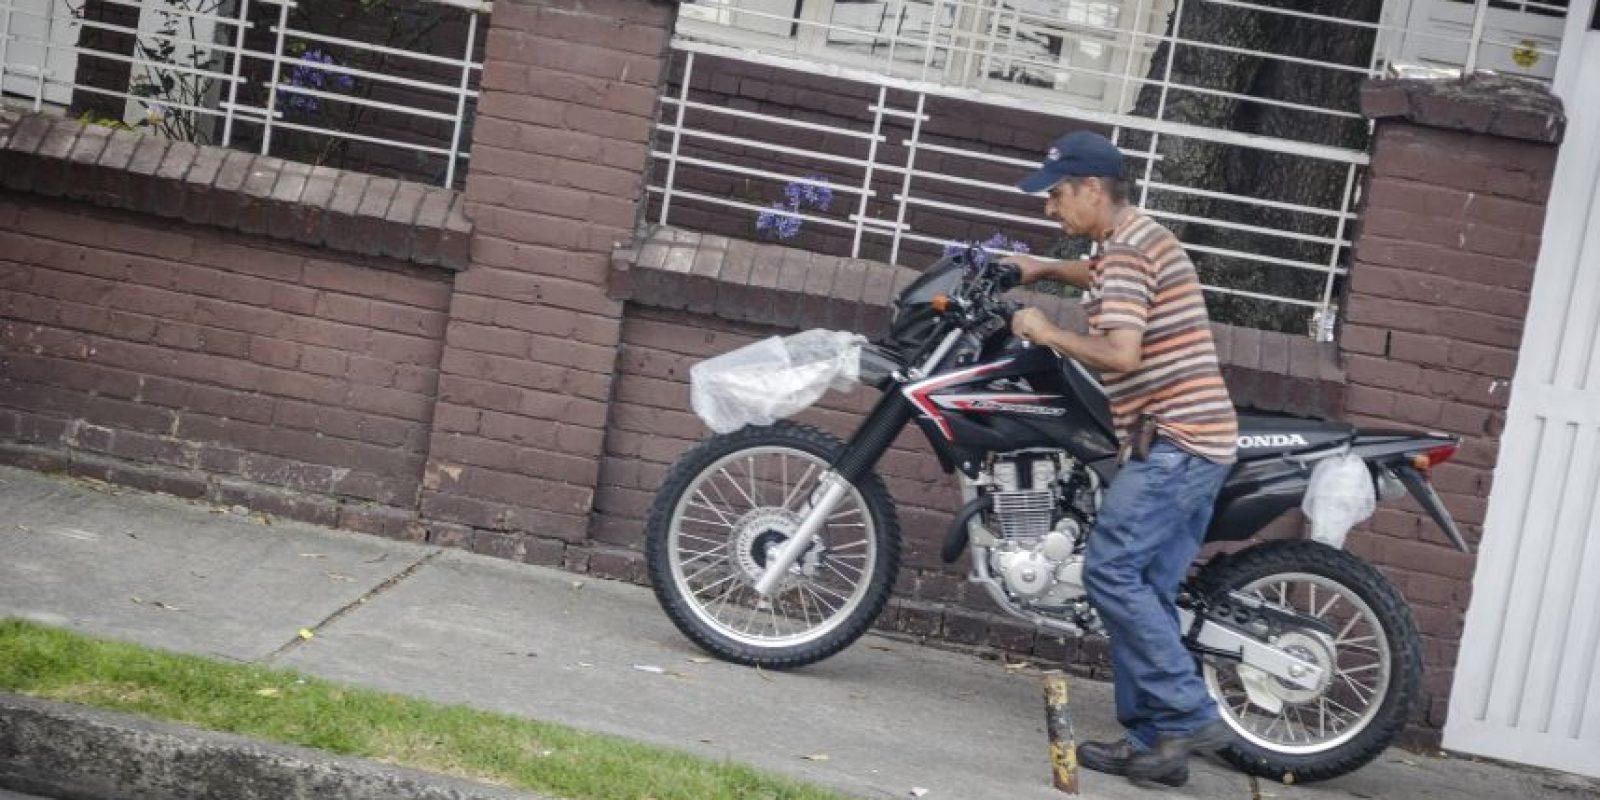 Circular por los andenes, ciclovías o separadores es ilegal. Foto:Carlos Bernate – Publimetro